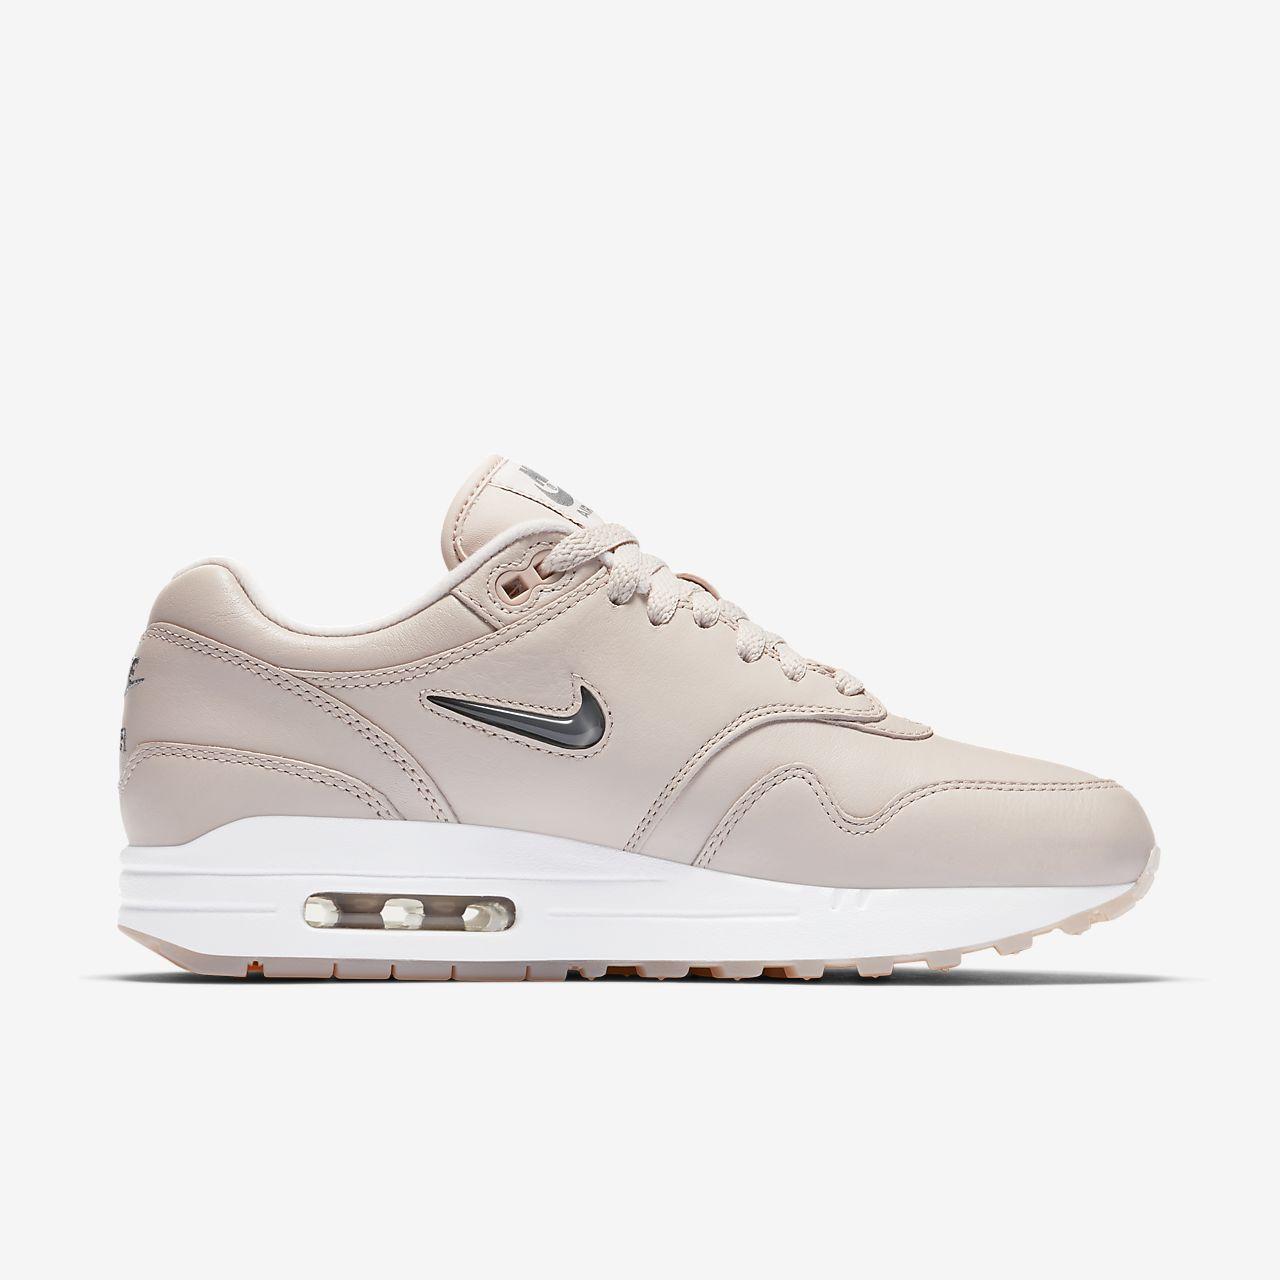 ... Chaussure Nike Air Max 1 Premium SC pour Femme